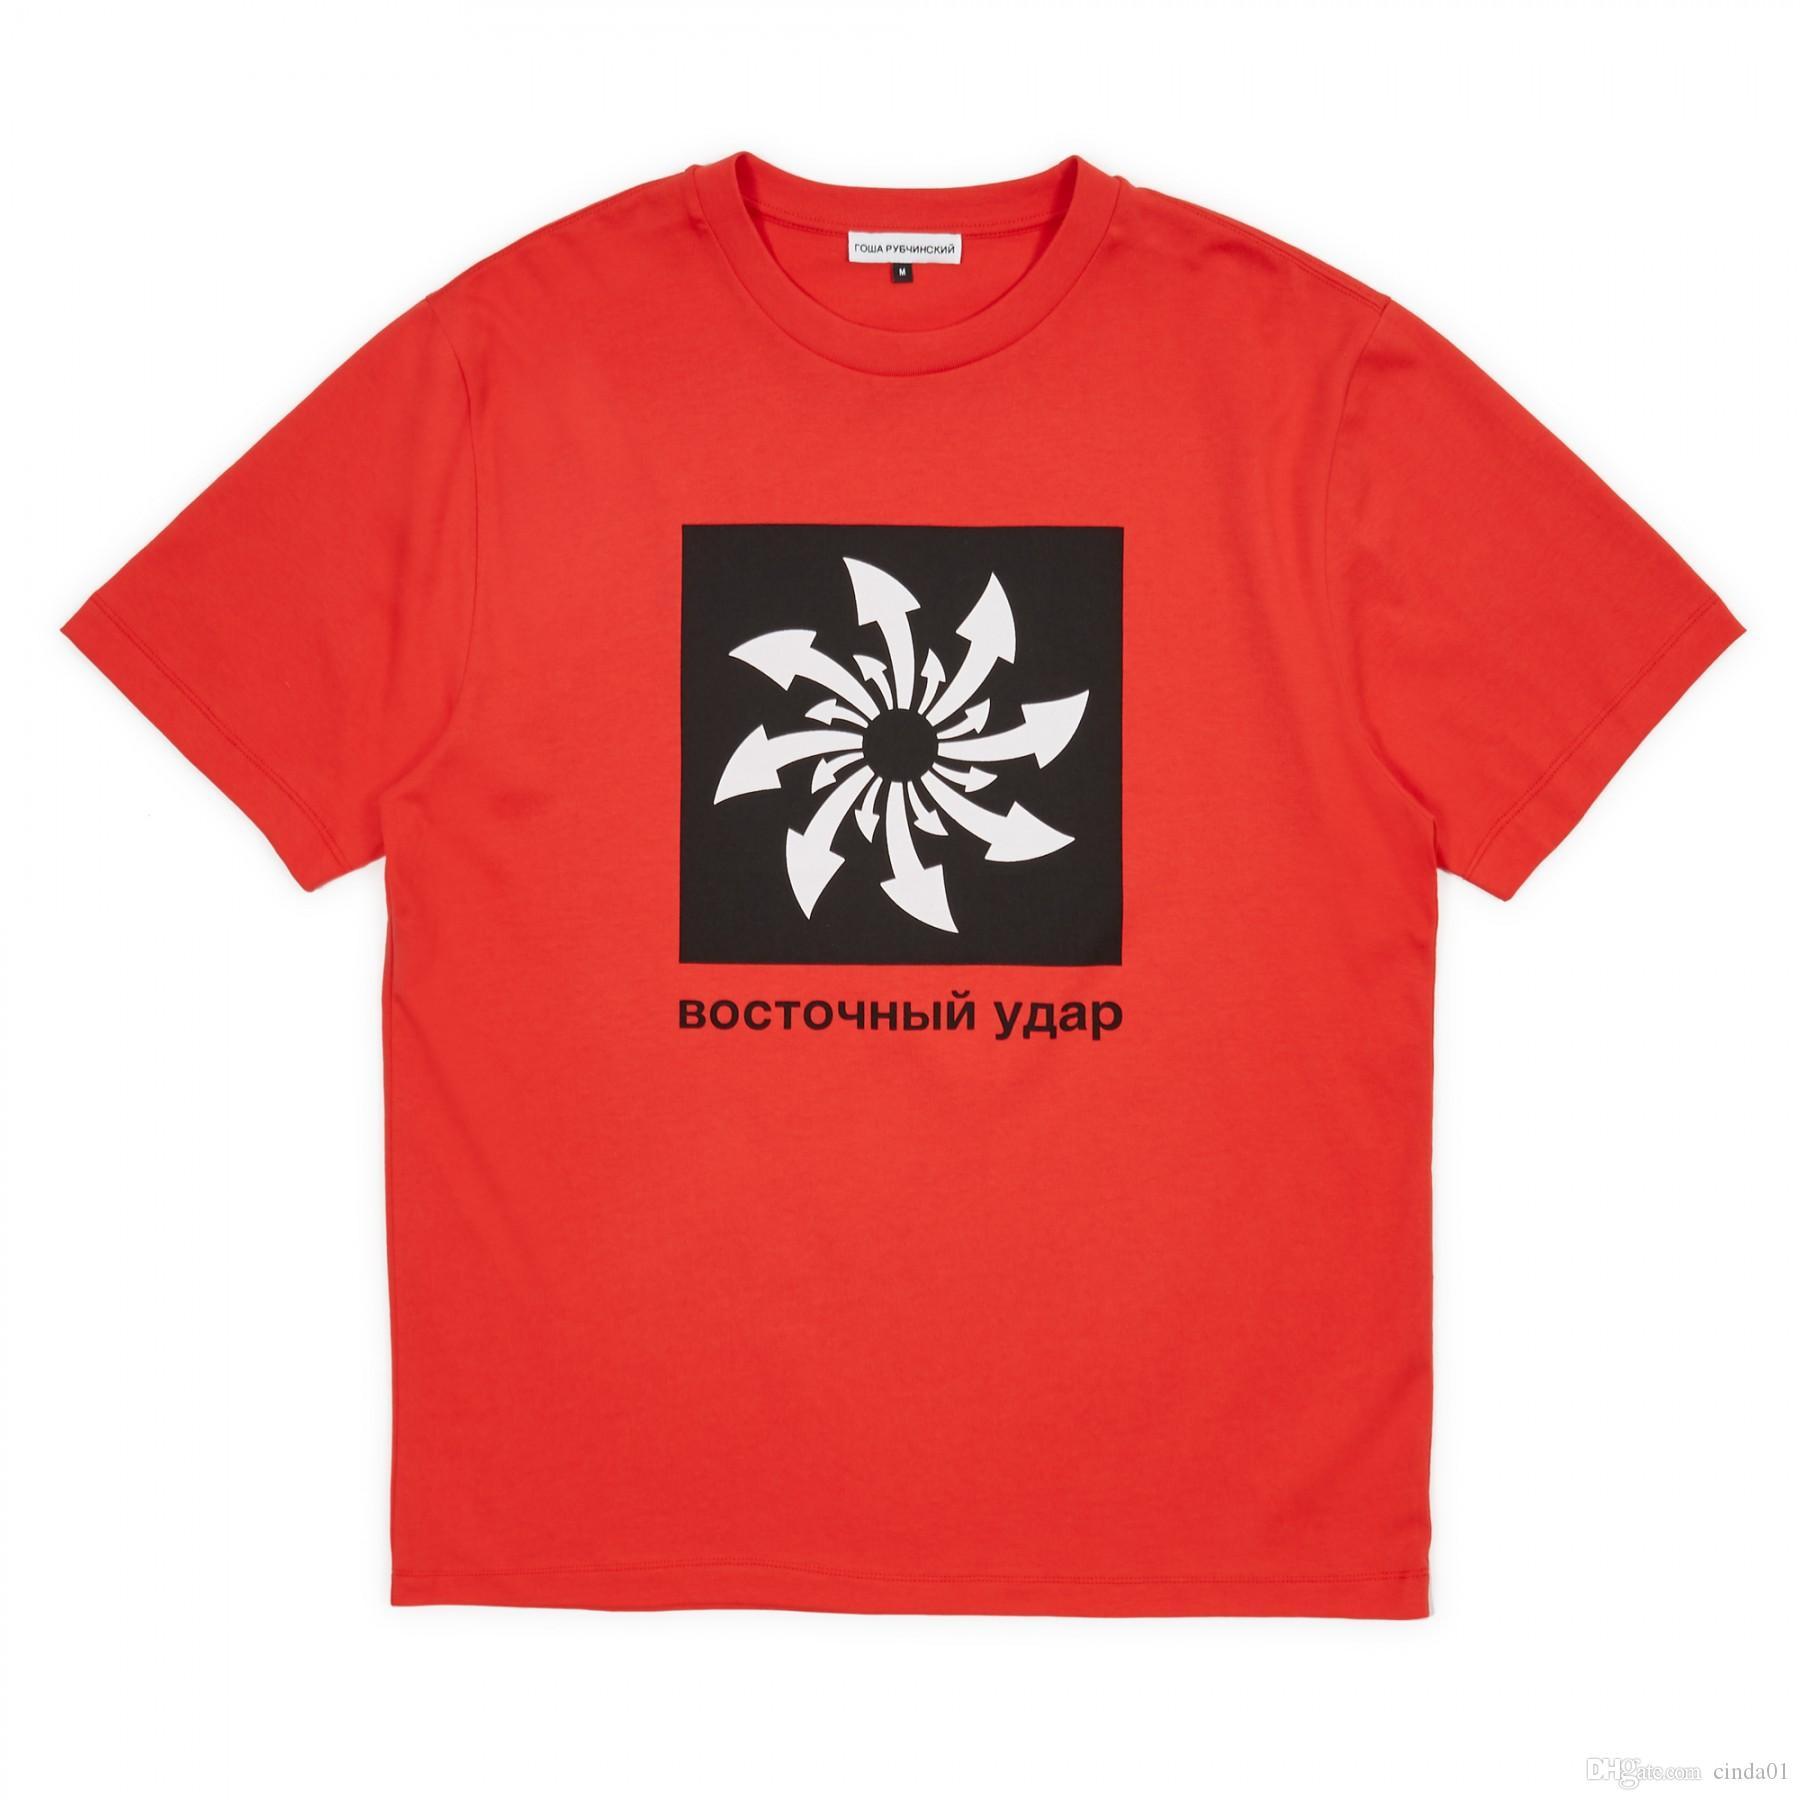 GOSHA Pattern Parted Mens Женский повседневный дизайнер Thirts Tshirts летние мужские женские члены экипажа с короткими рукавами